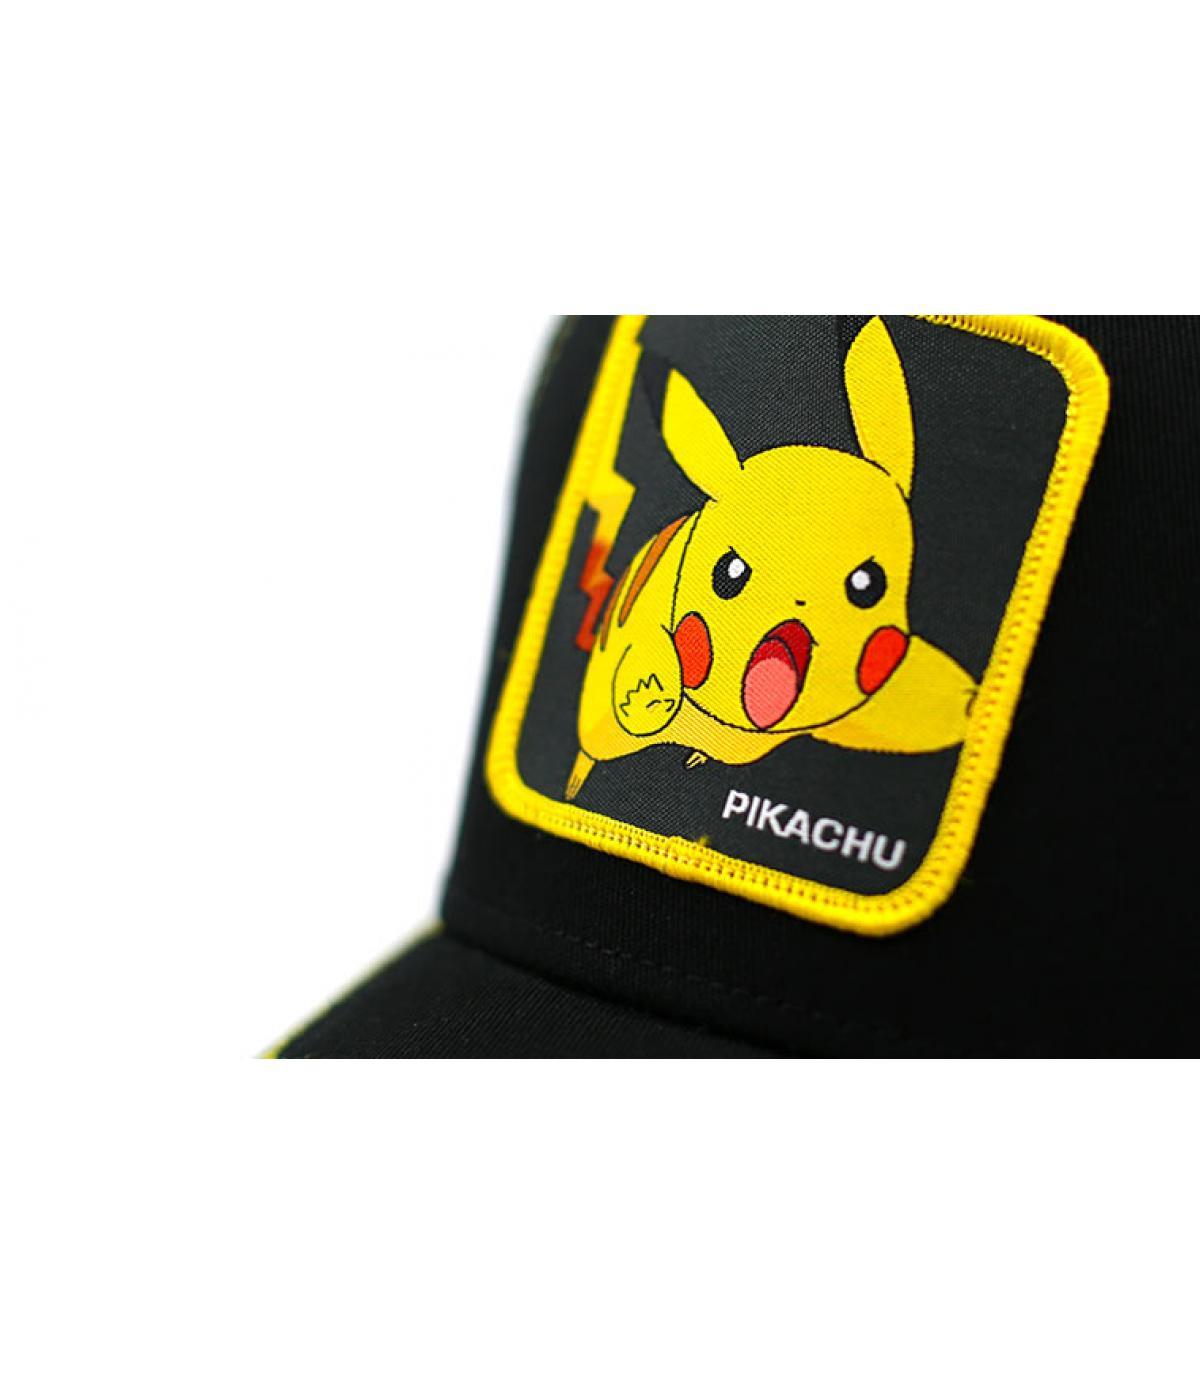 Détails Trucker Pokemon Pikachu - image 3